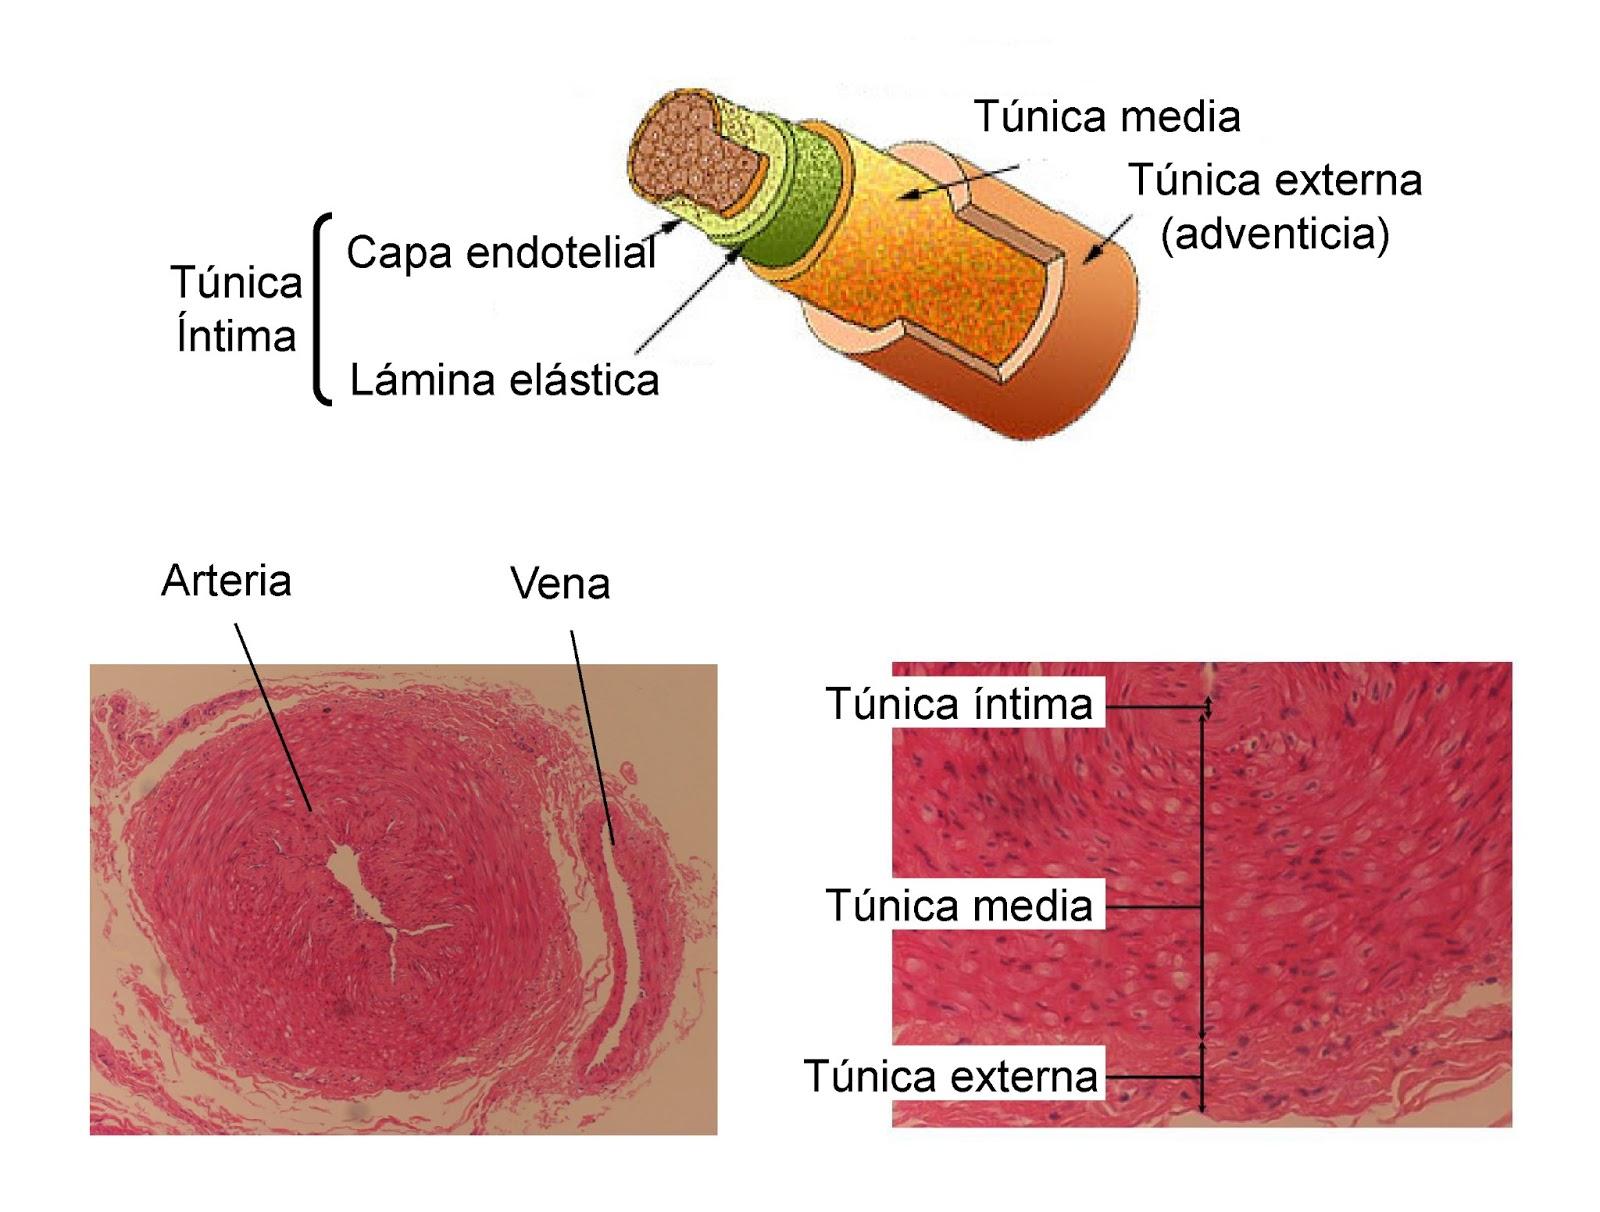 Una arteria está formada por la túnica íntima, la media y la externa